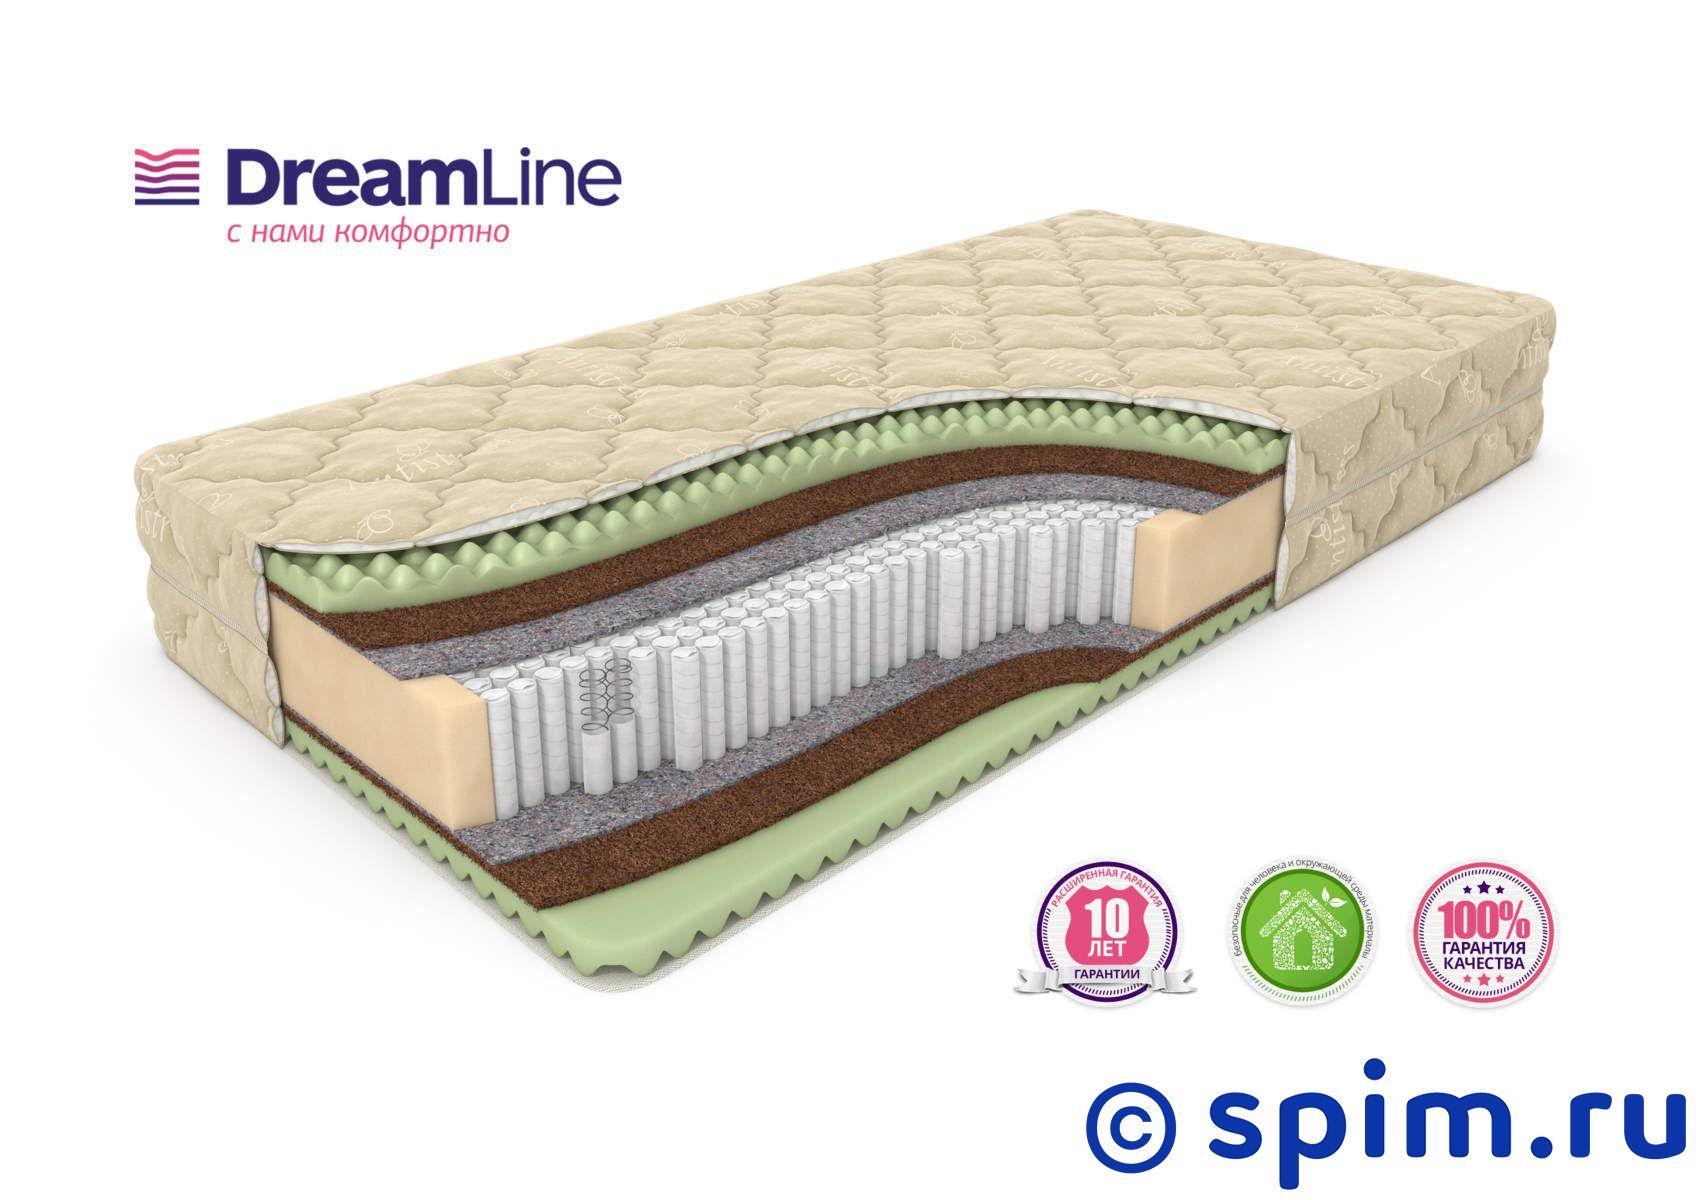 Матрас DreamLine Space Massage S2000 120х190 см матрас dreamline classic 15 hard bs 120 150x200